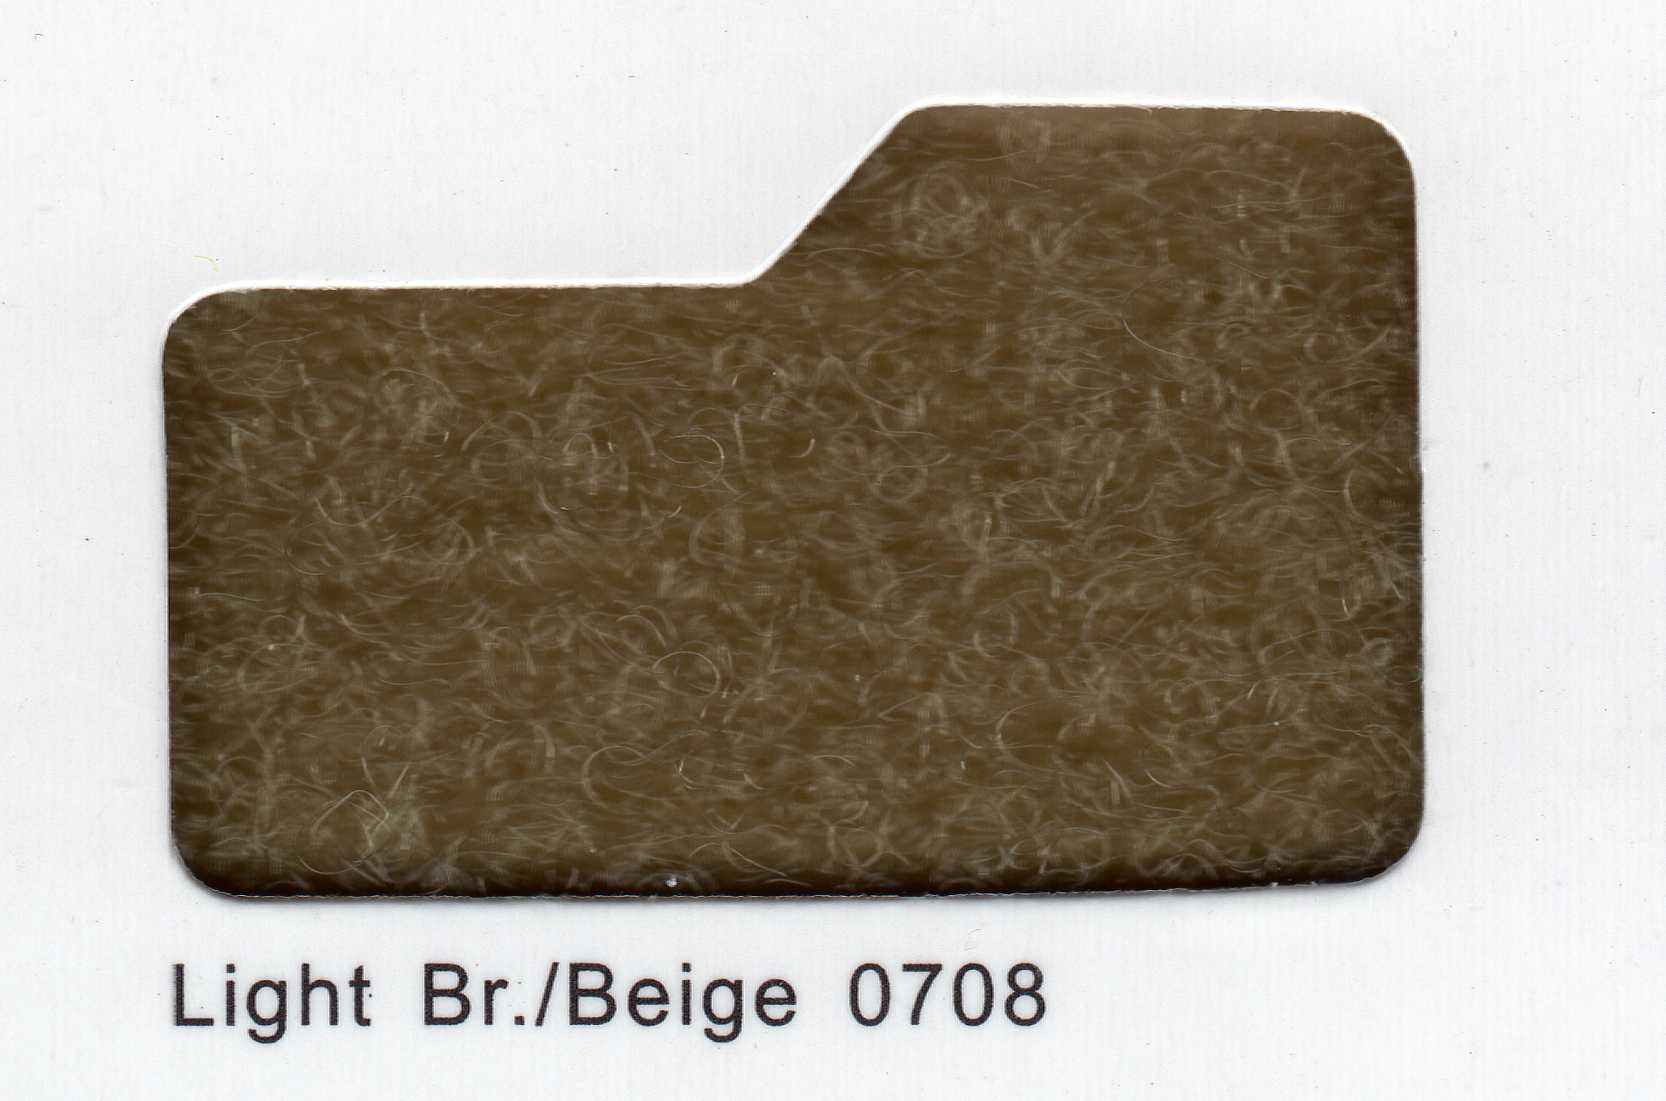 Cinta de cierre Velcro-Veraco 30mm Beige 0708 (Gancho).